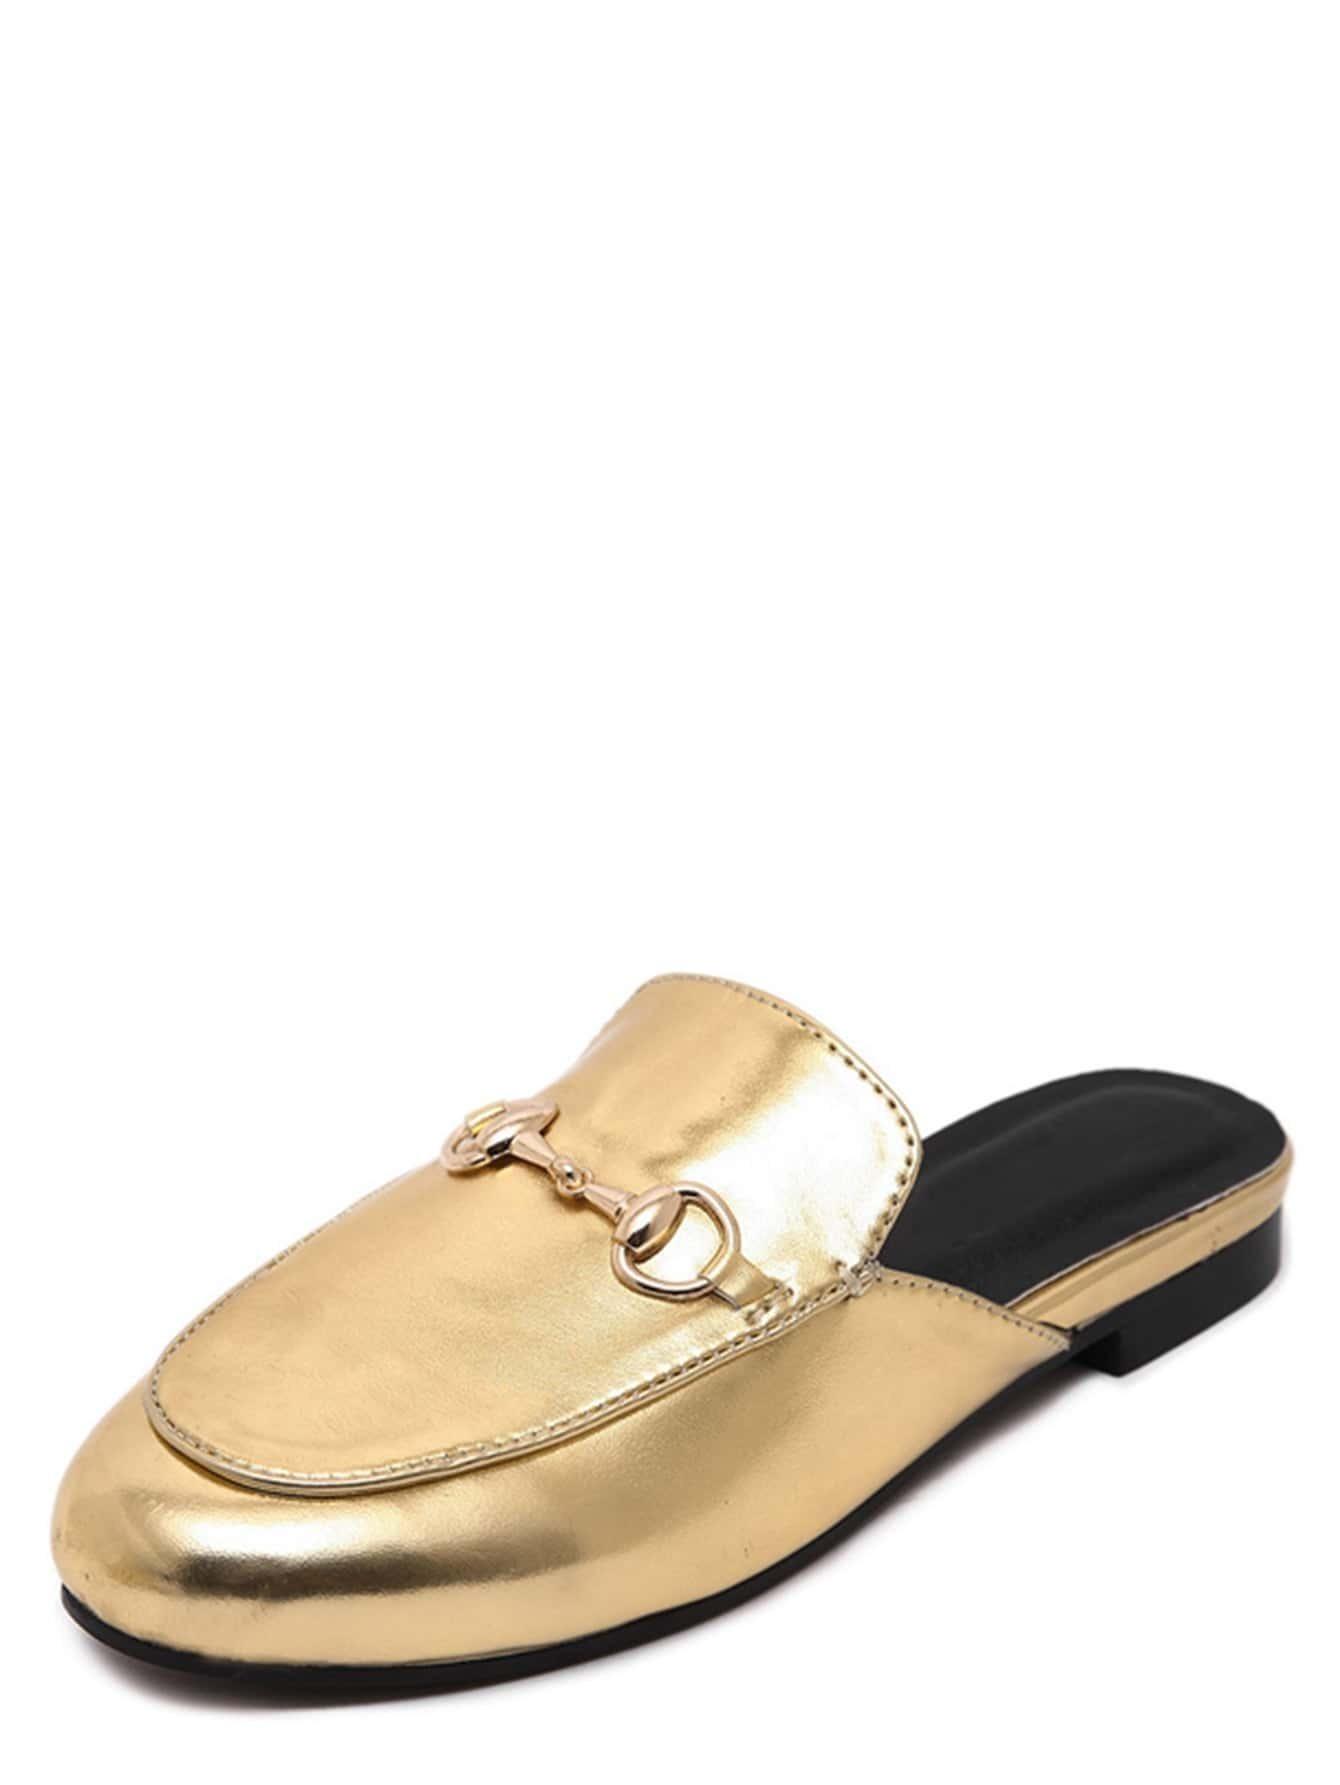 shoes161011801_2